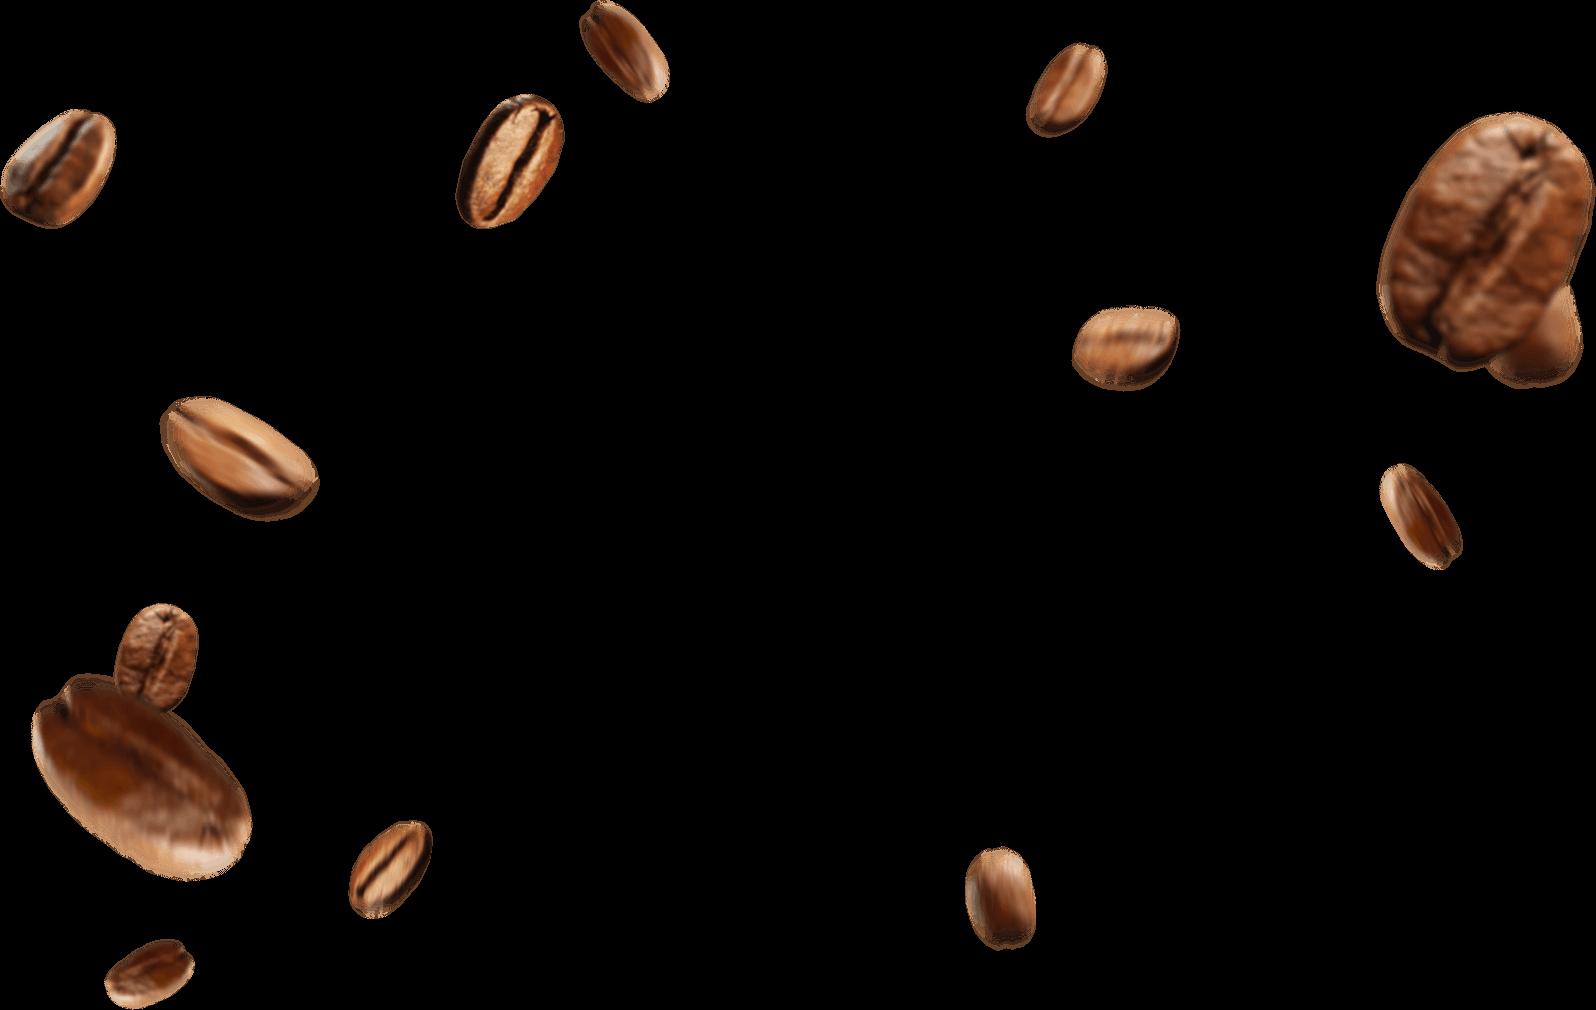 Koffein-Cellulite